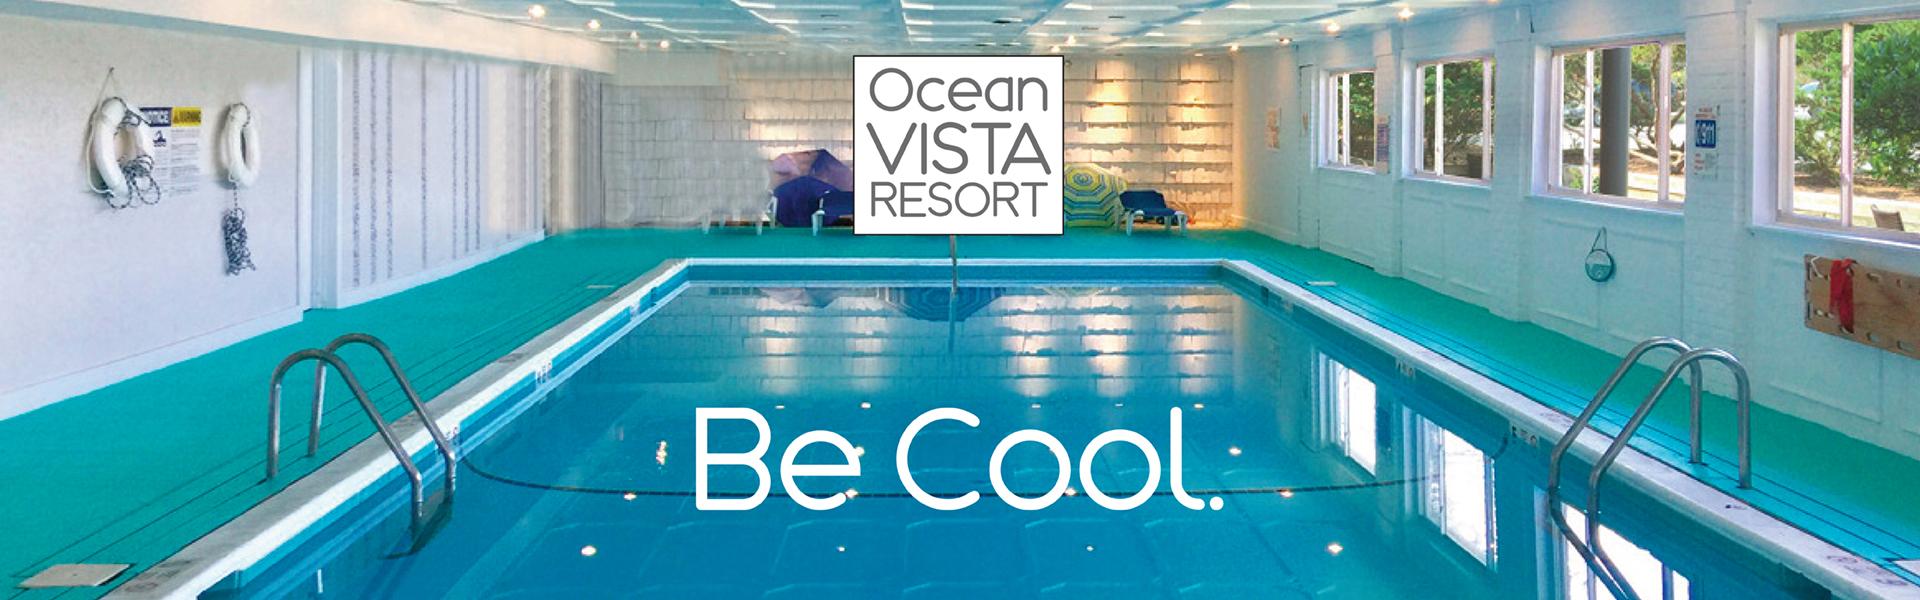 ocean Vista Resort indoor pool